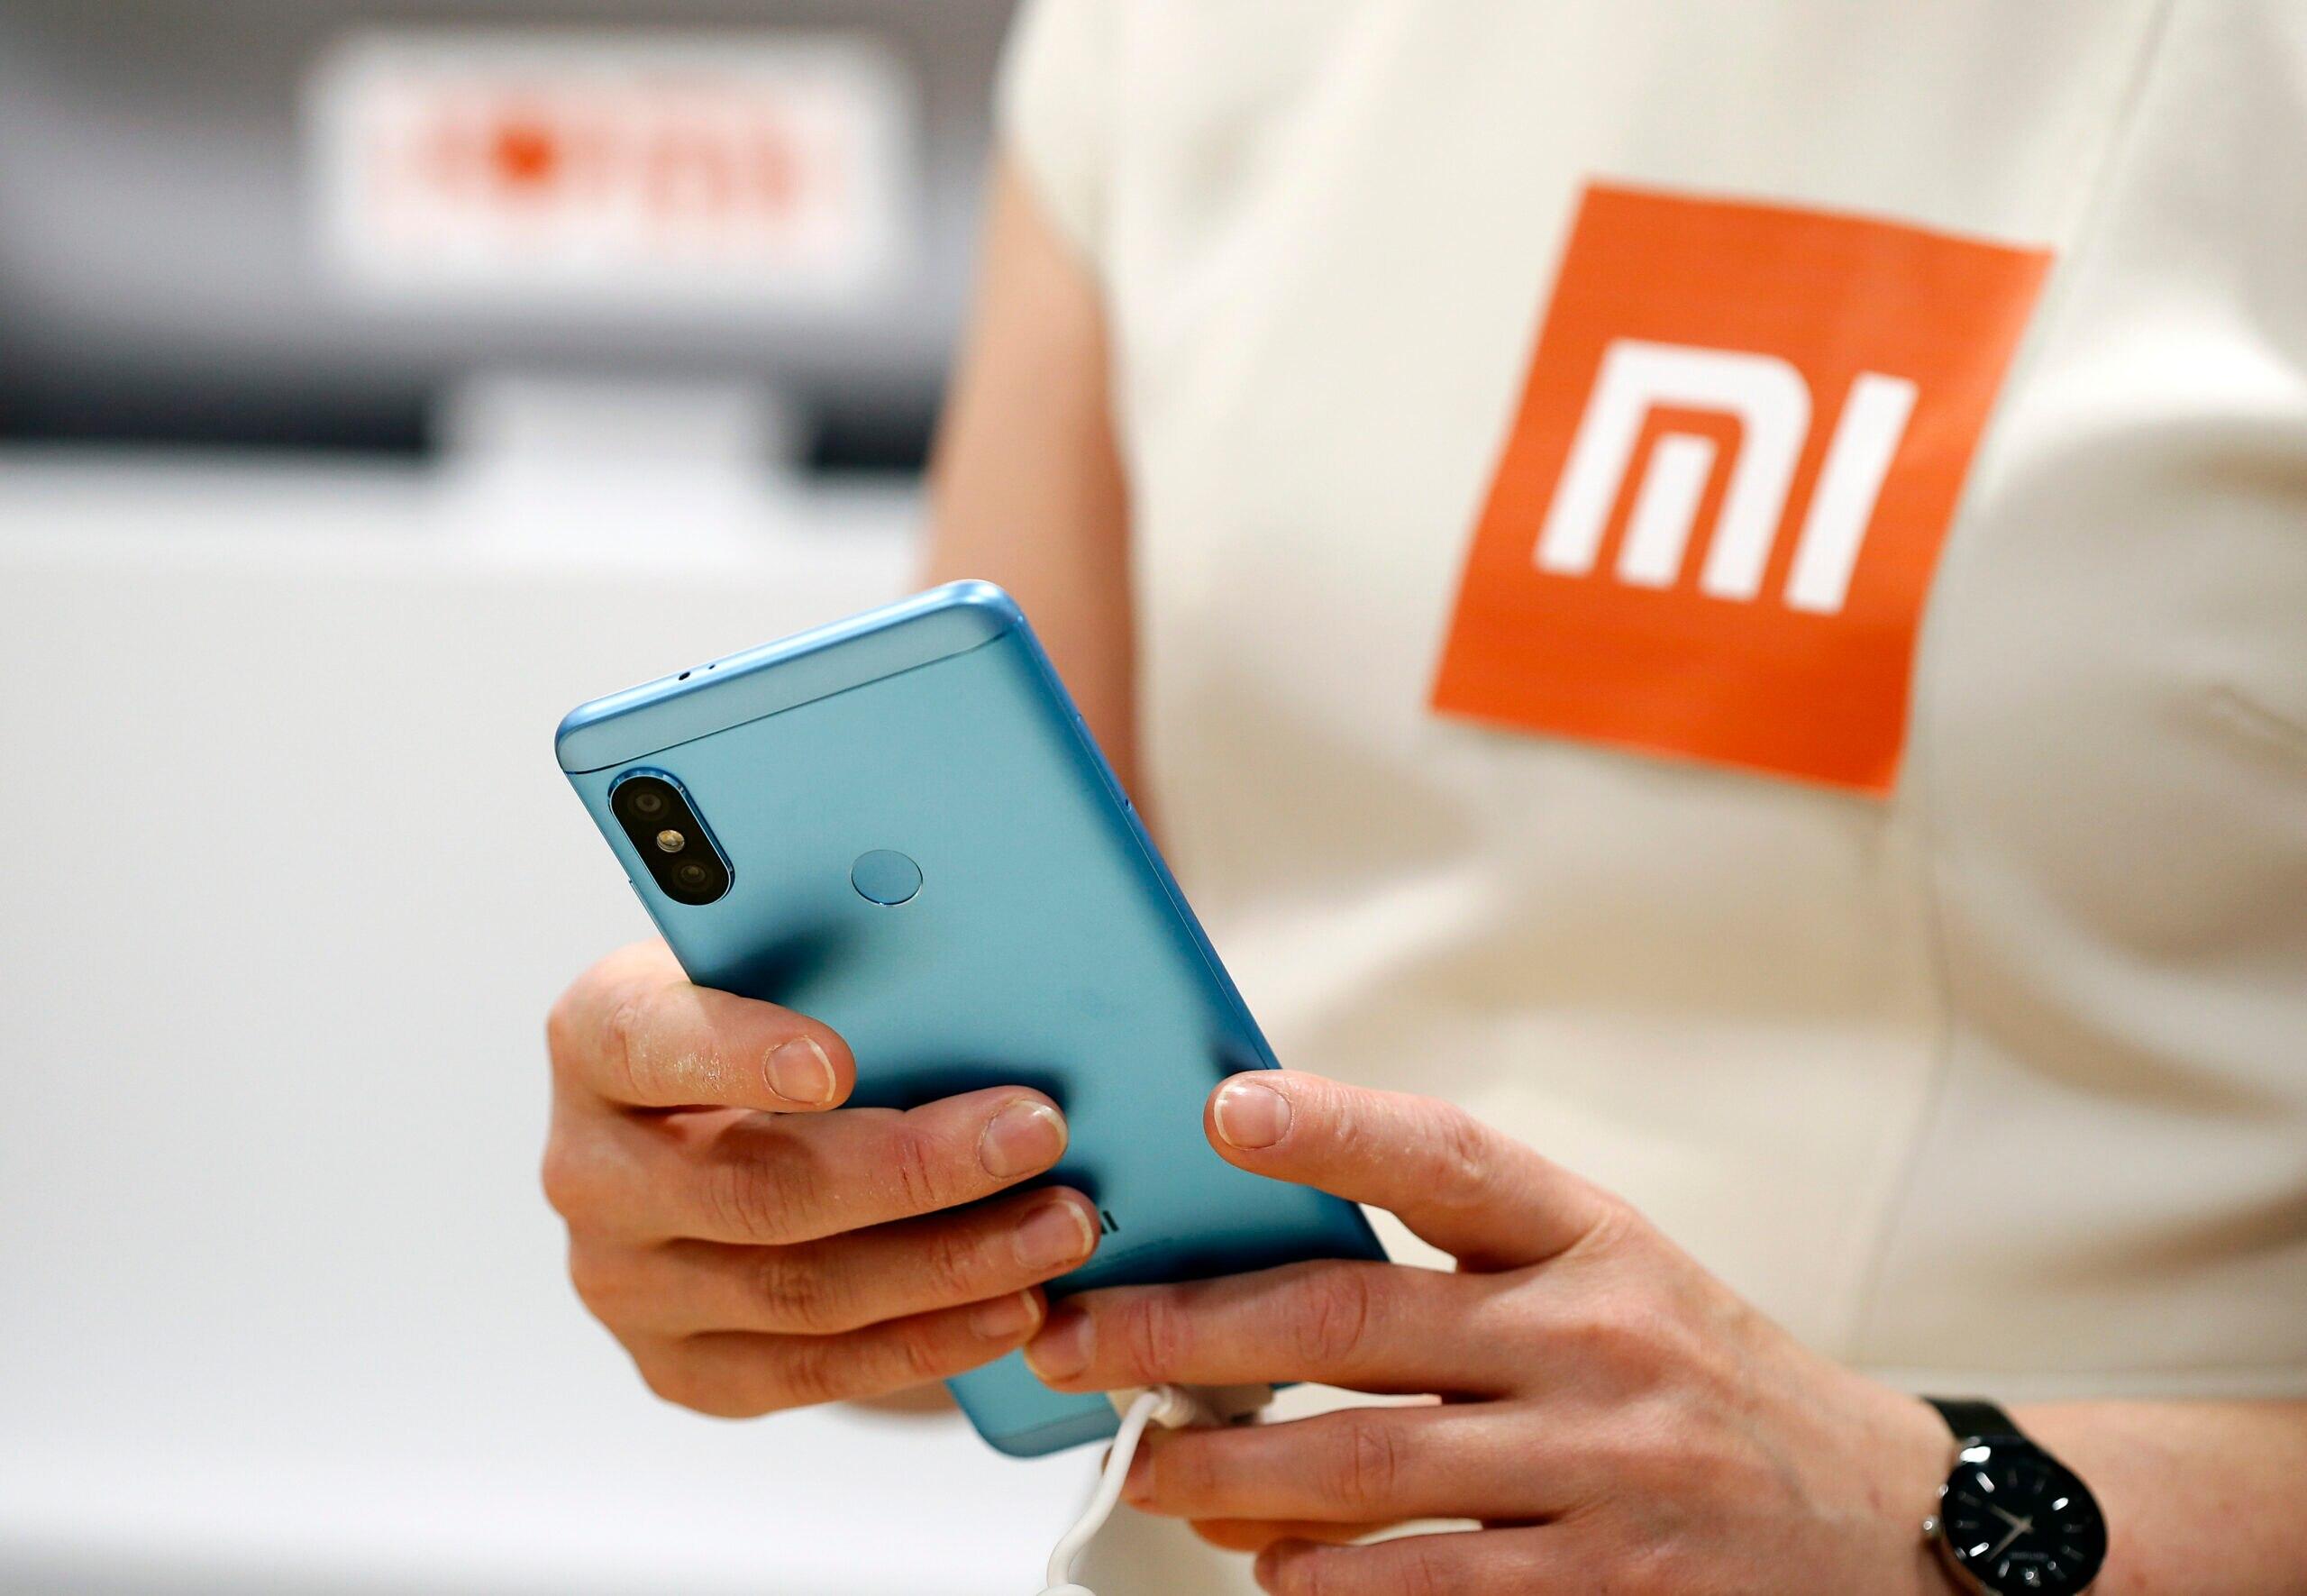 USA setzt Xiaomi auf Blacklist: Bald keine Google-Apps mehr?